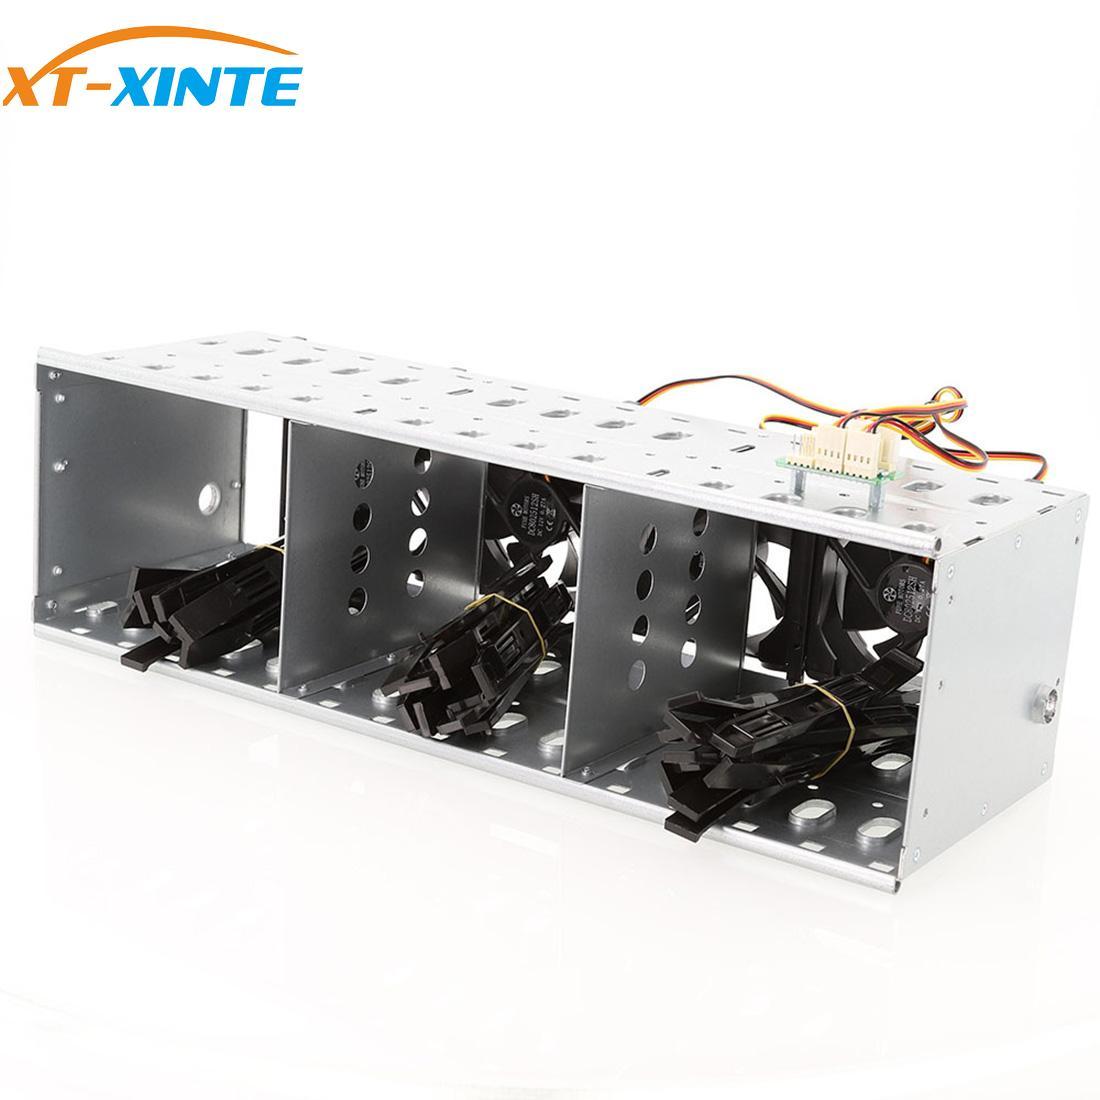 """XT XINTE 15 Bay 3,5 """"SATA SAS HDD Disco Duro jaula de bandeja Caddy bandeja estante soporte para 15x3,5 pulgadas jaula de unidad de disco duro servidor de PC DIY"""